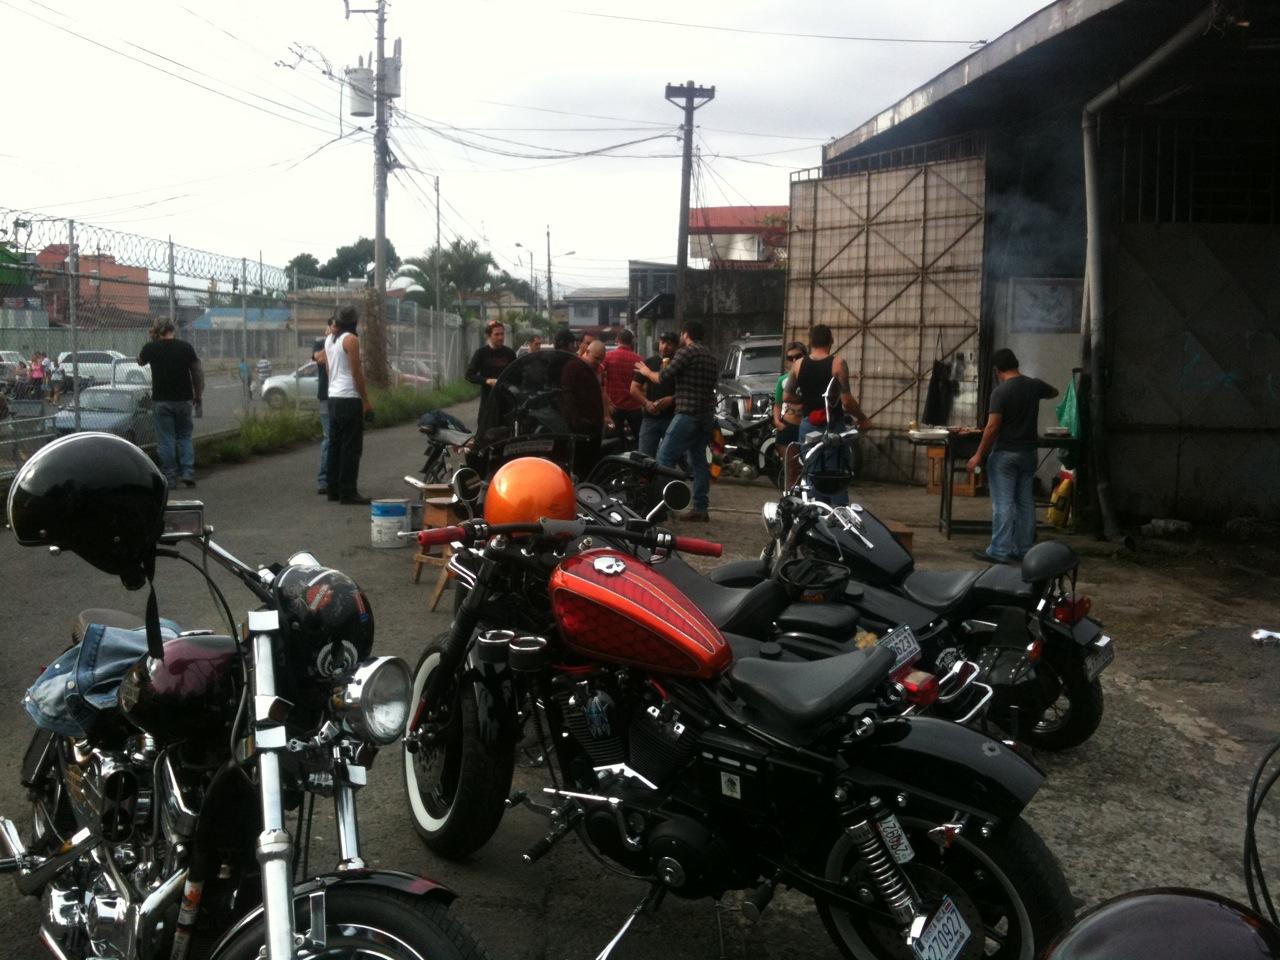 Putas de motocicleta - 4 10